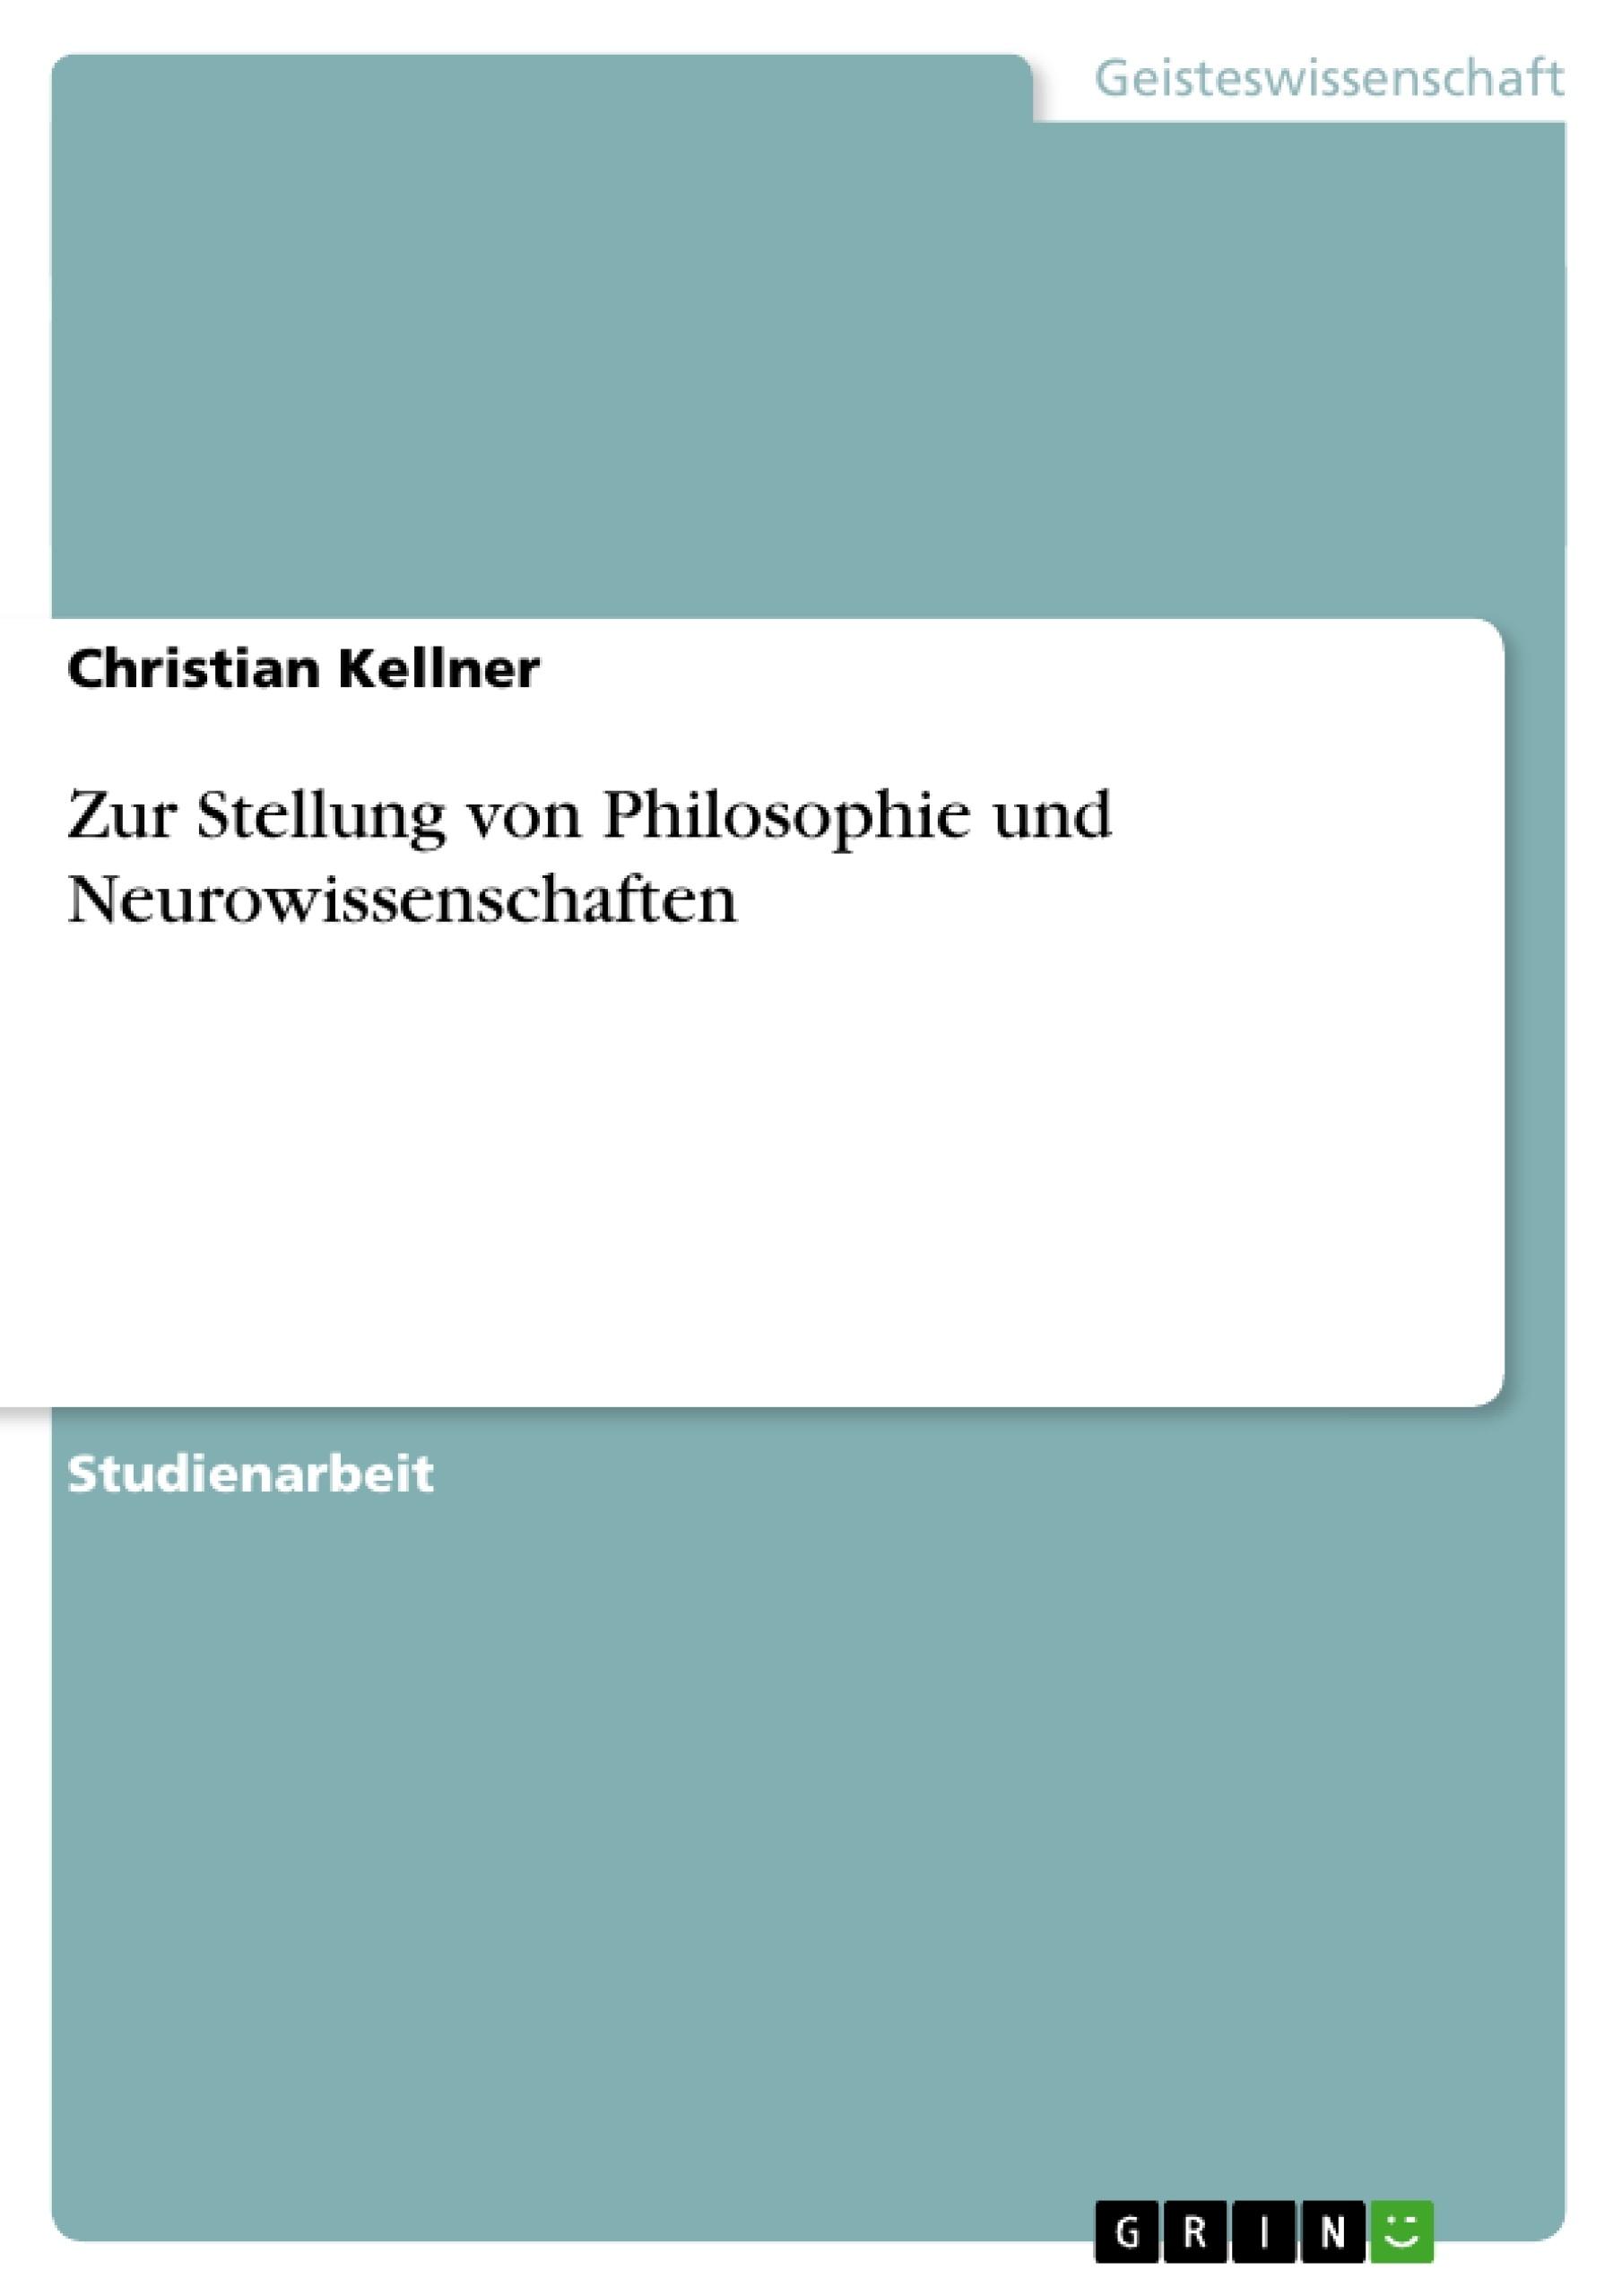 Titel: Zur Stellung von Philosophie und Neurowissenschaften